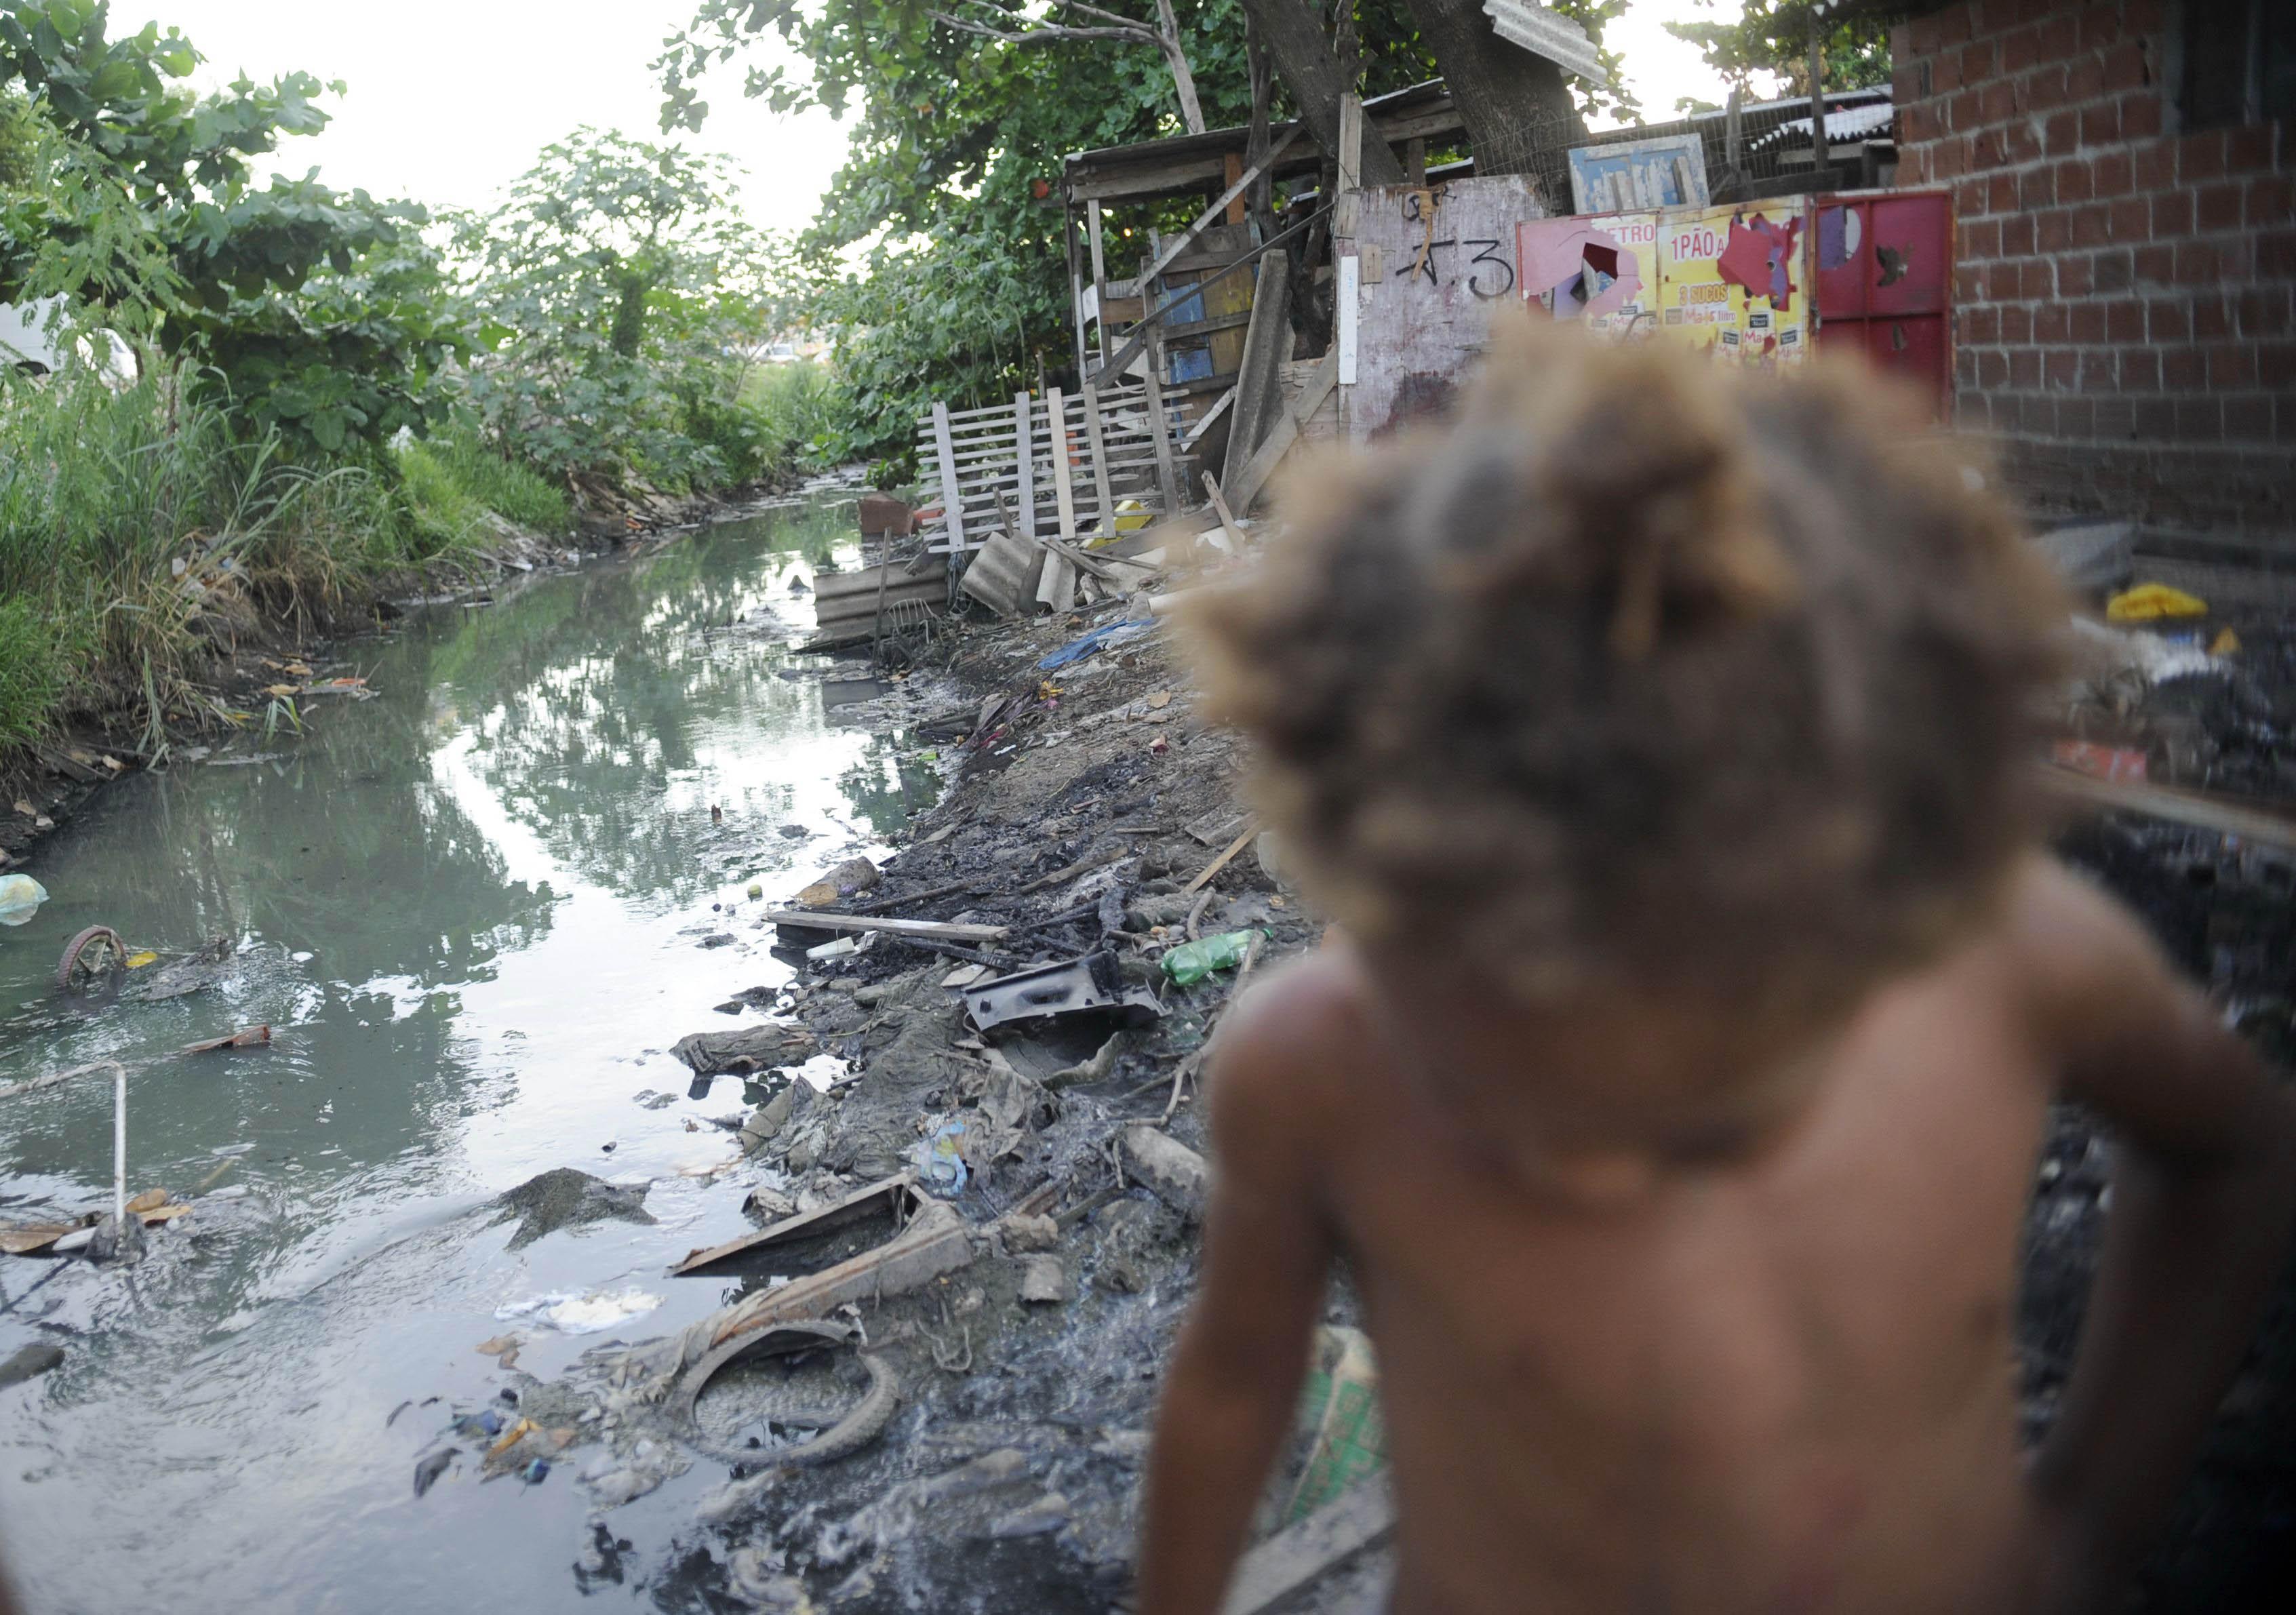 Criança caminha ao lado de um córrego poluído no Complexo da Maré, no Rio de Janeiro (Fernando Frazão/Agência Brasil/via Fotos Públicas)